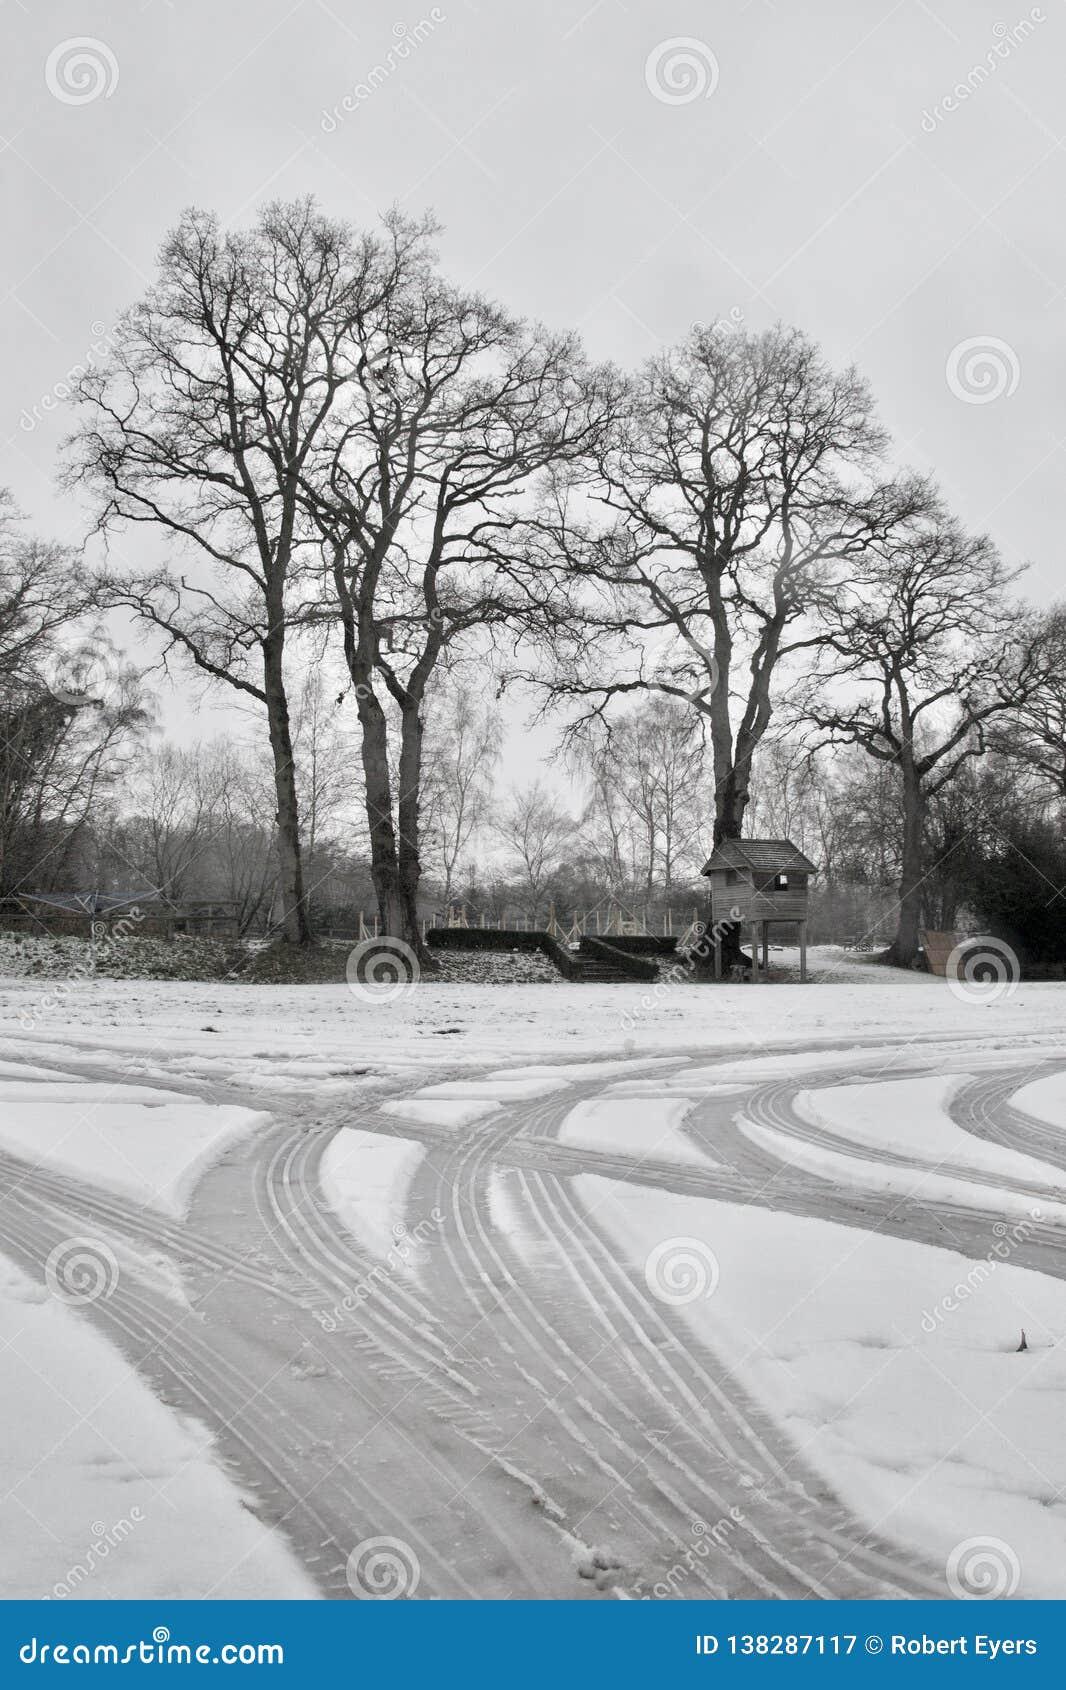 Bildäckspår i snö på körbanan; kala vinterträd och trädgårdträdhus